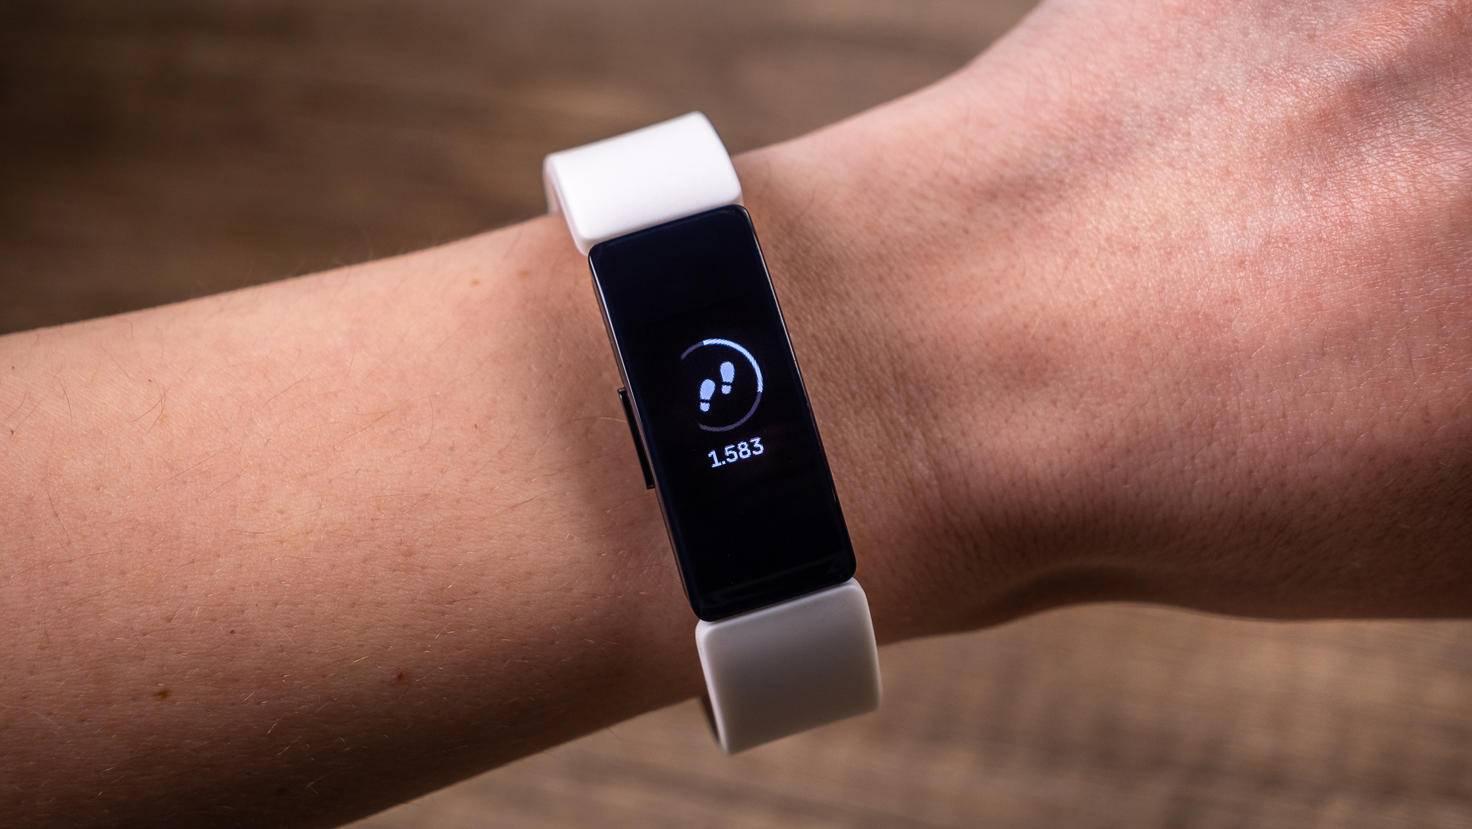 Der neue Fitbit-Tracker ist erfreulich schmal geraten.